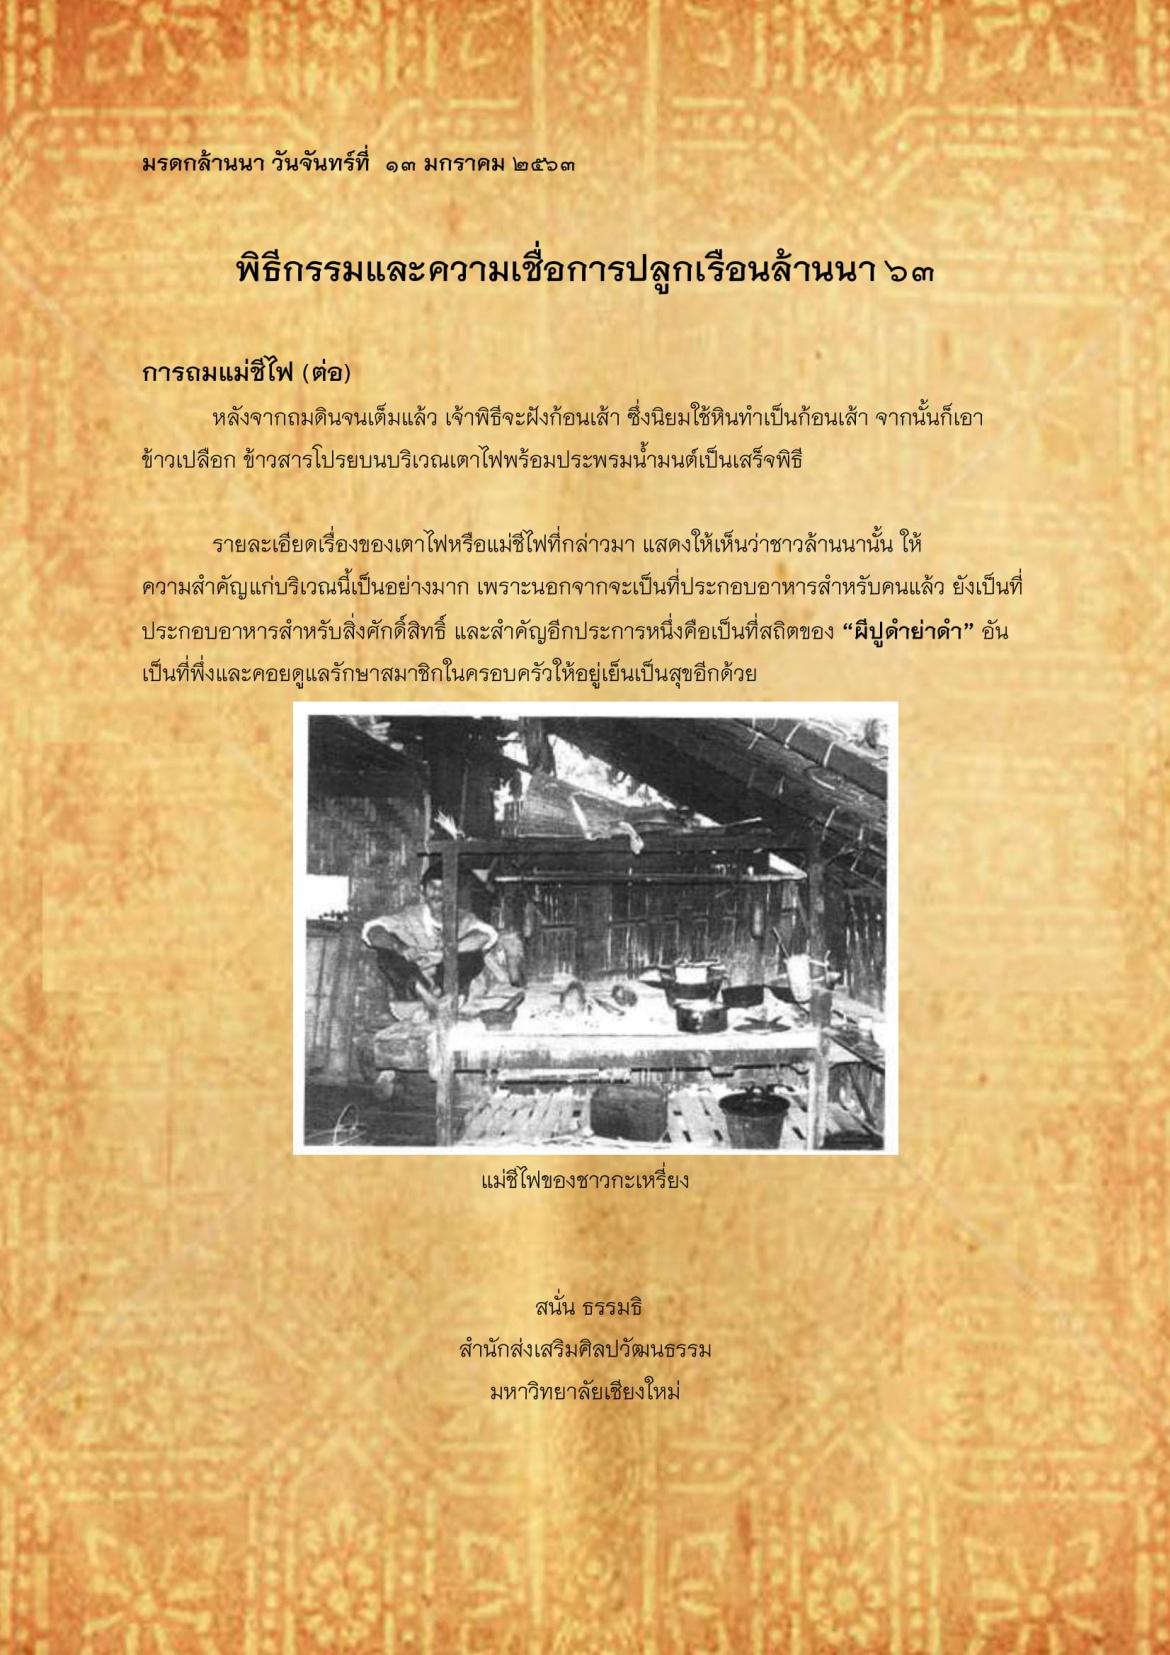 พิธีกรรมเเละความเชื่อการปลูกเรือนล้านนา(63) - 13 มกราคม 2563